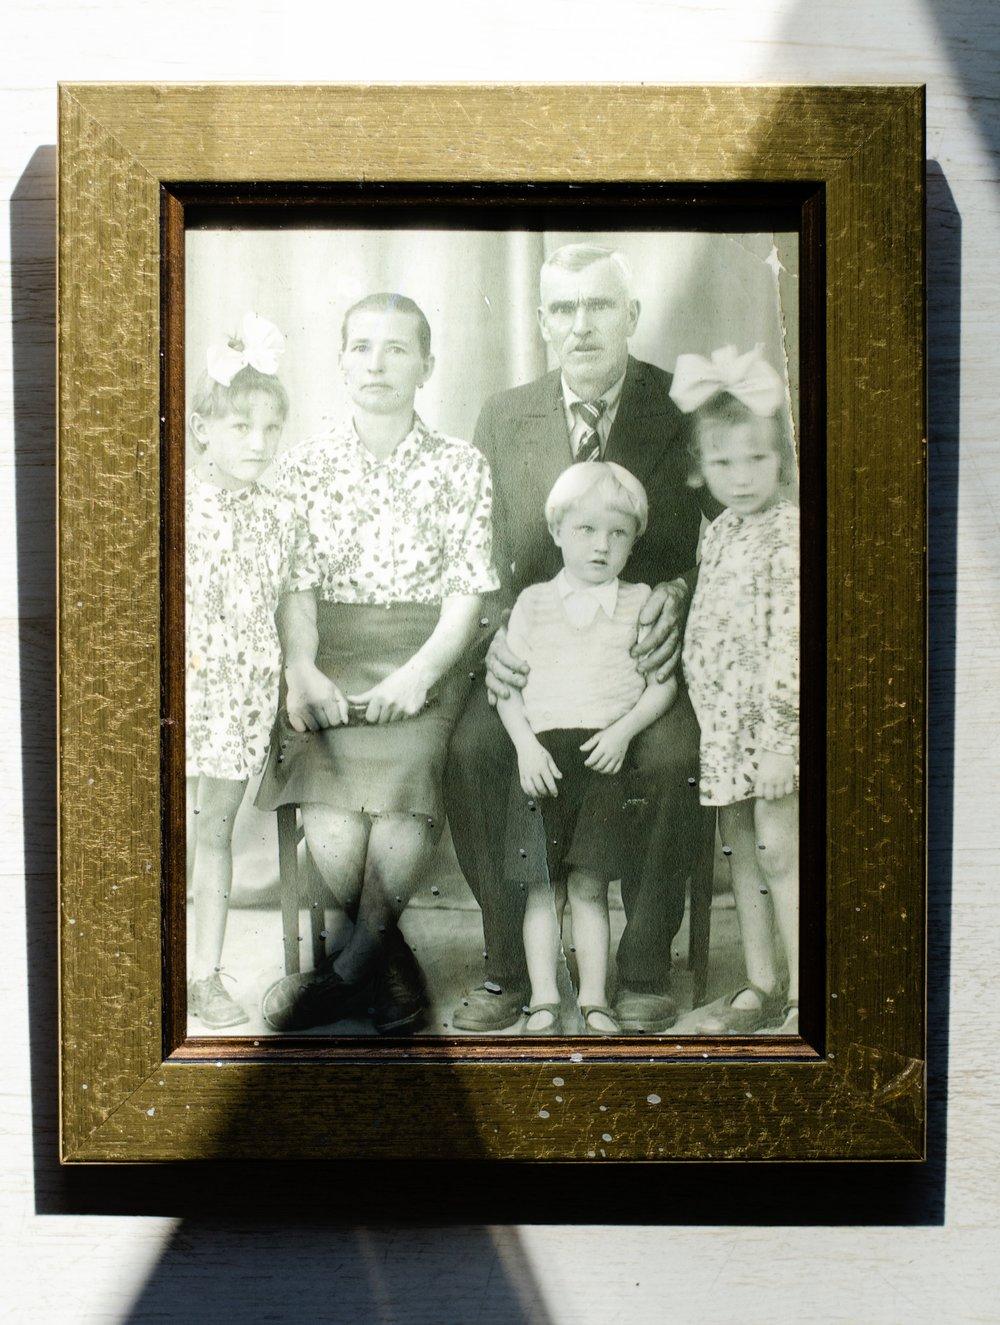 Od lewej: Pani Genowefa, jej mama Katarzyna, ojciec Piotr, brat Stanislaw wraz z siostra Danuta. Wszyscy maja buty wykonane przez Piotra Prokopowicza.